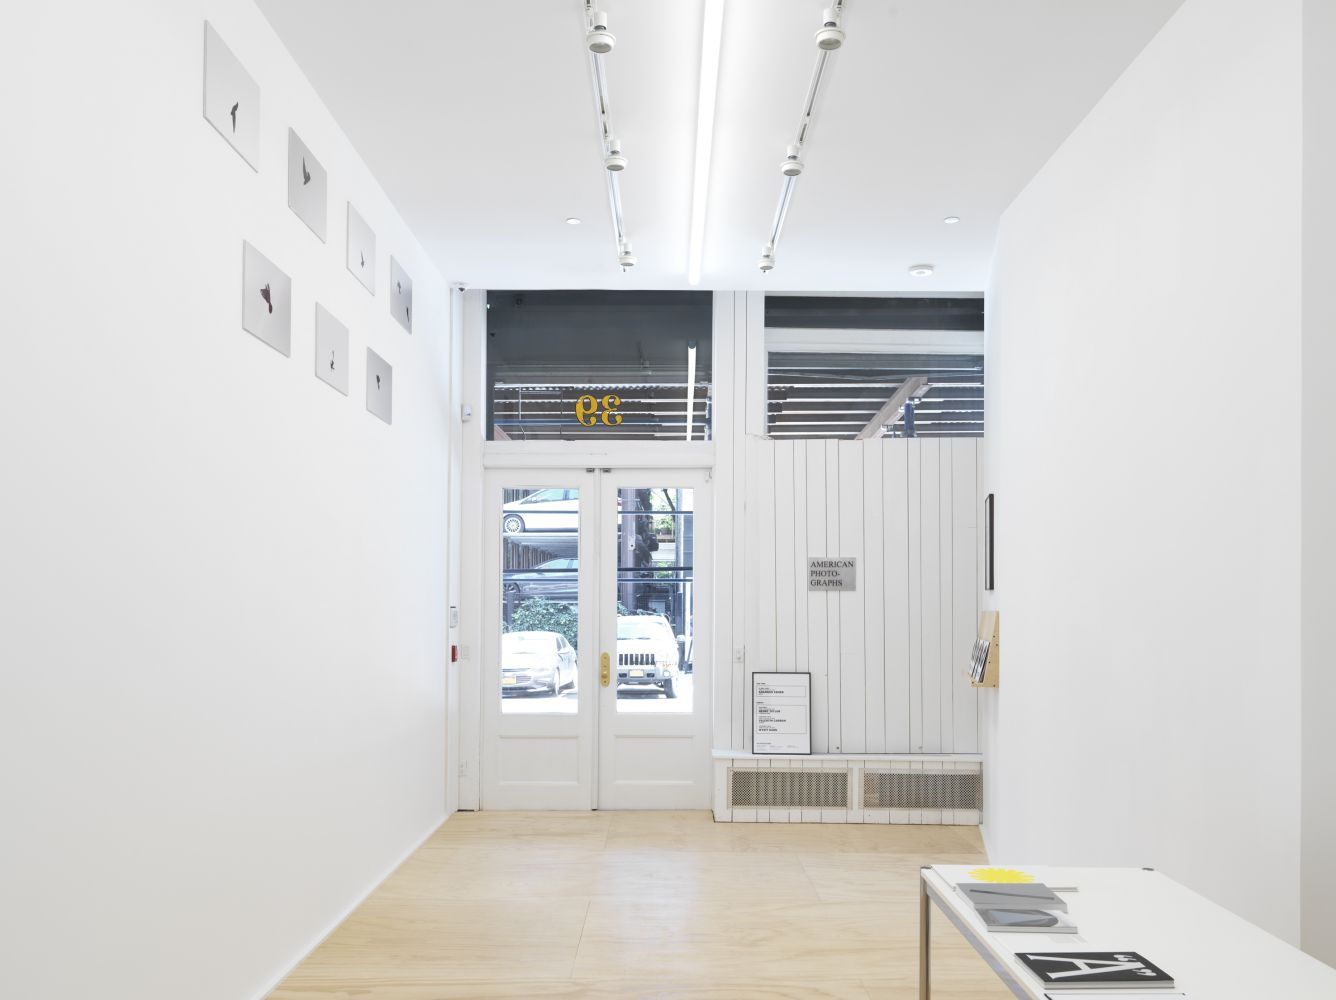 Exhibition View Eva Presenhuber, New York, 2017